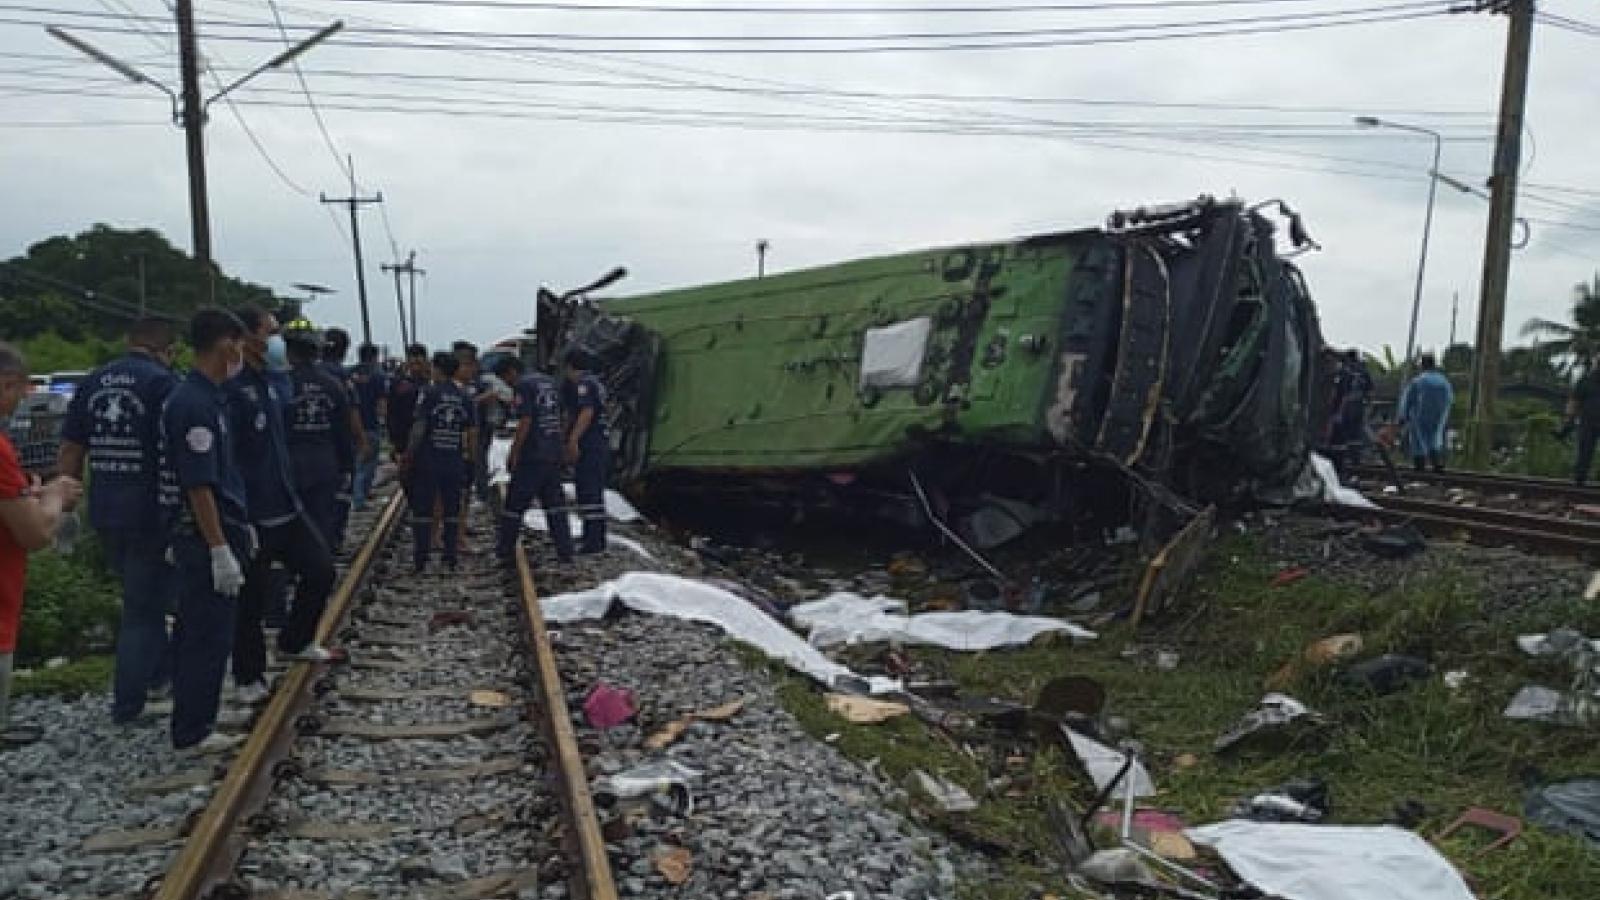 Tàu hỏa đâm xe buýt ở Thái Lan: Ít nhất 20 người tử vong